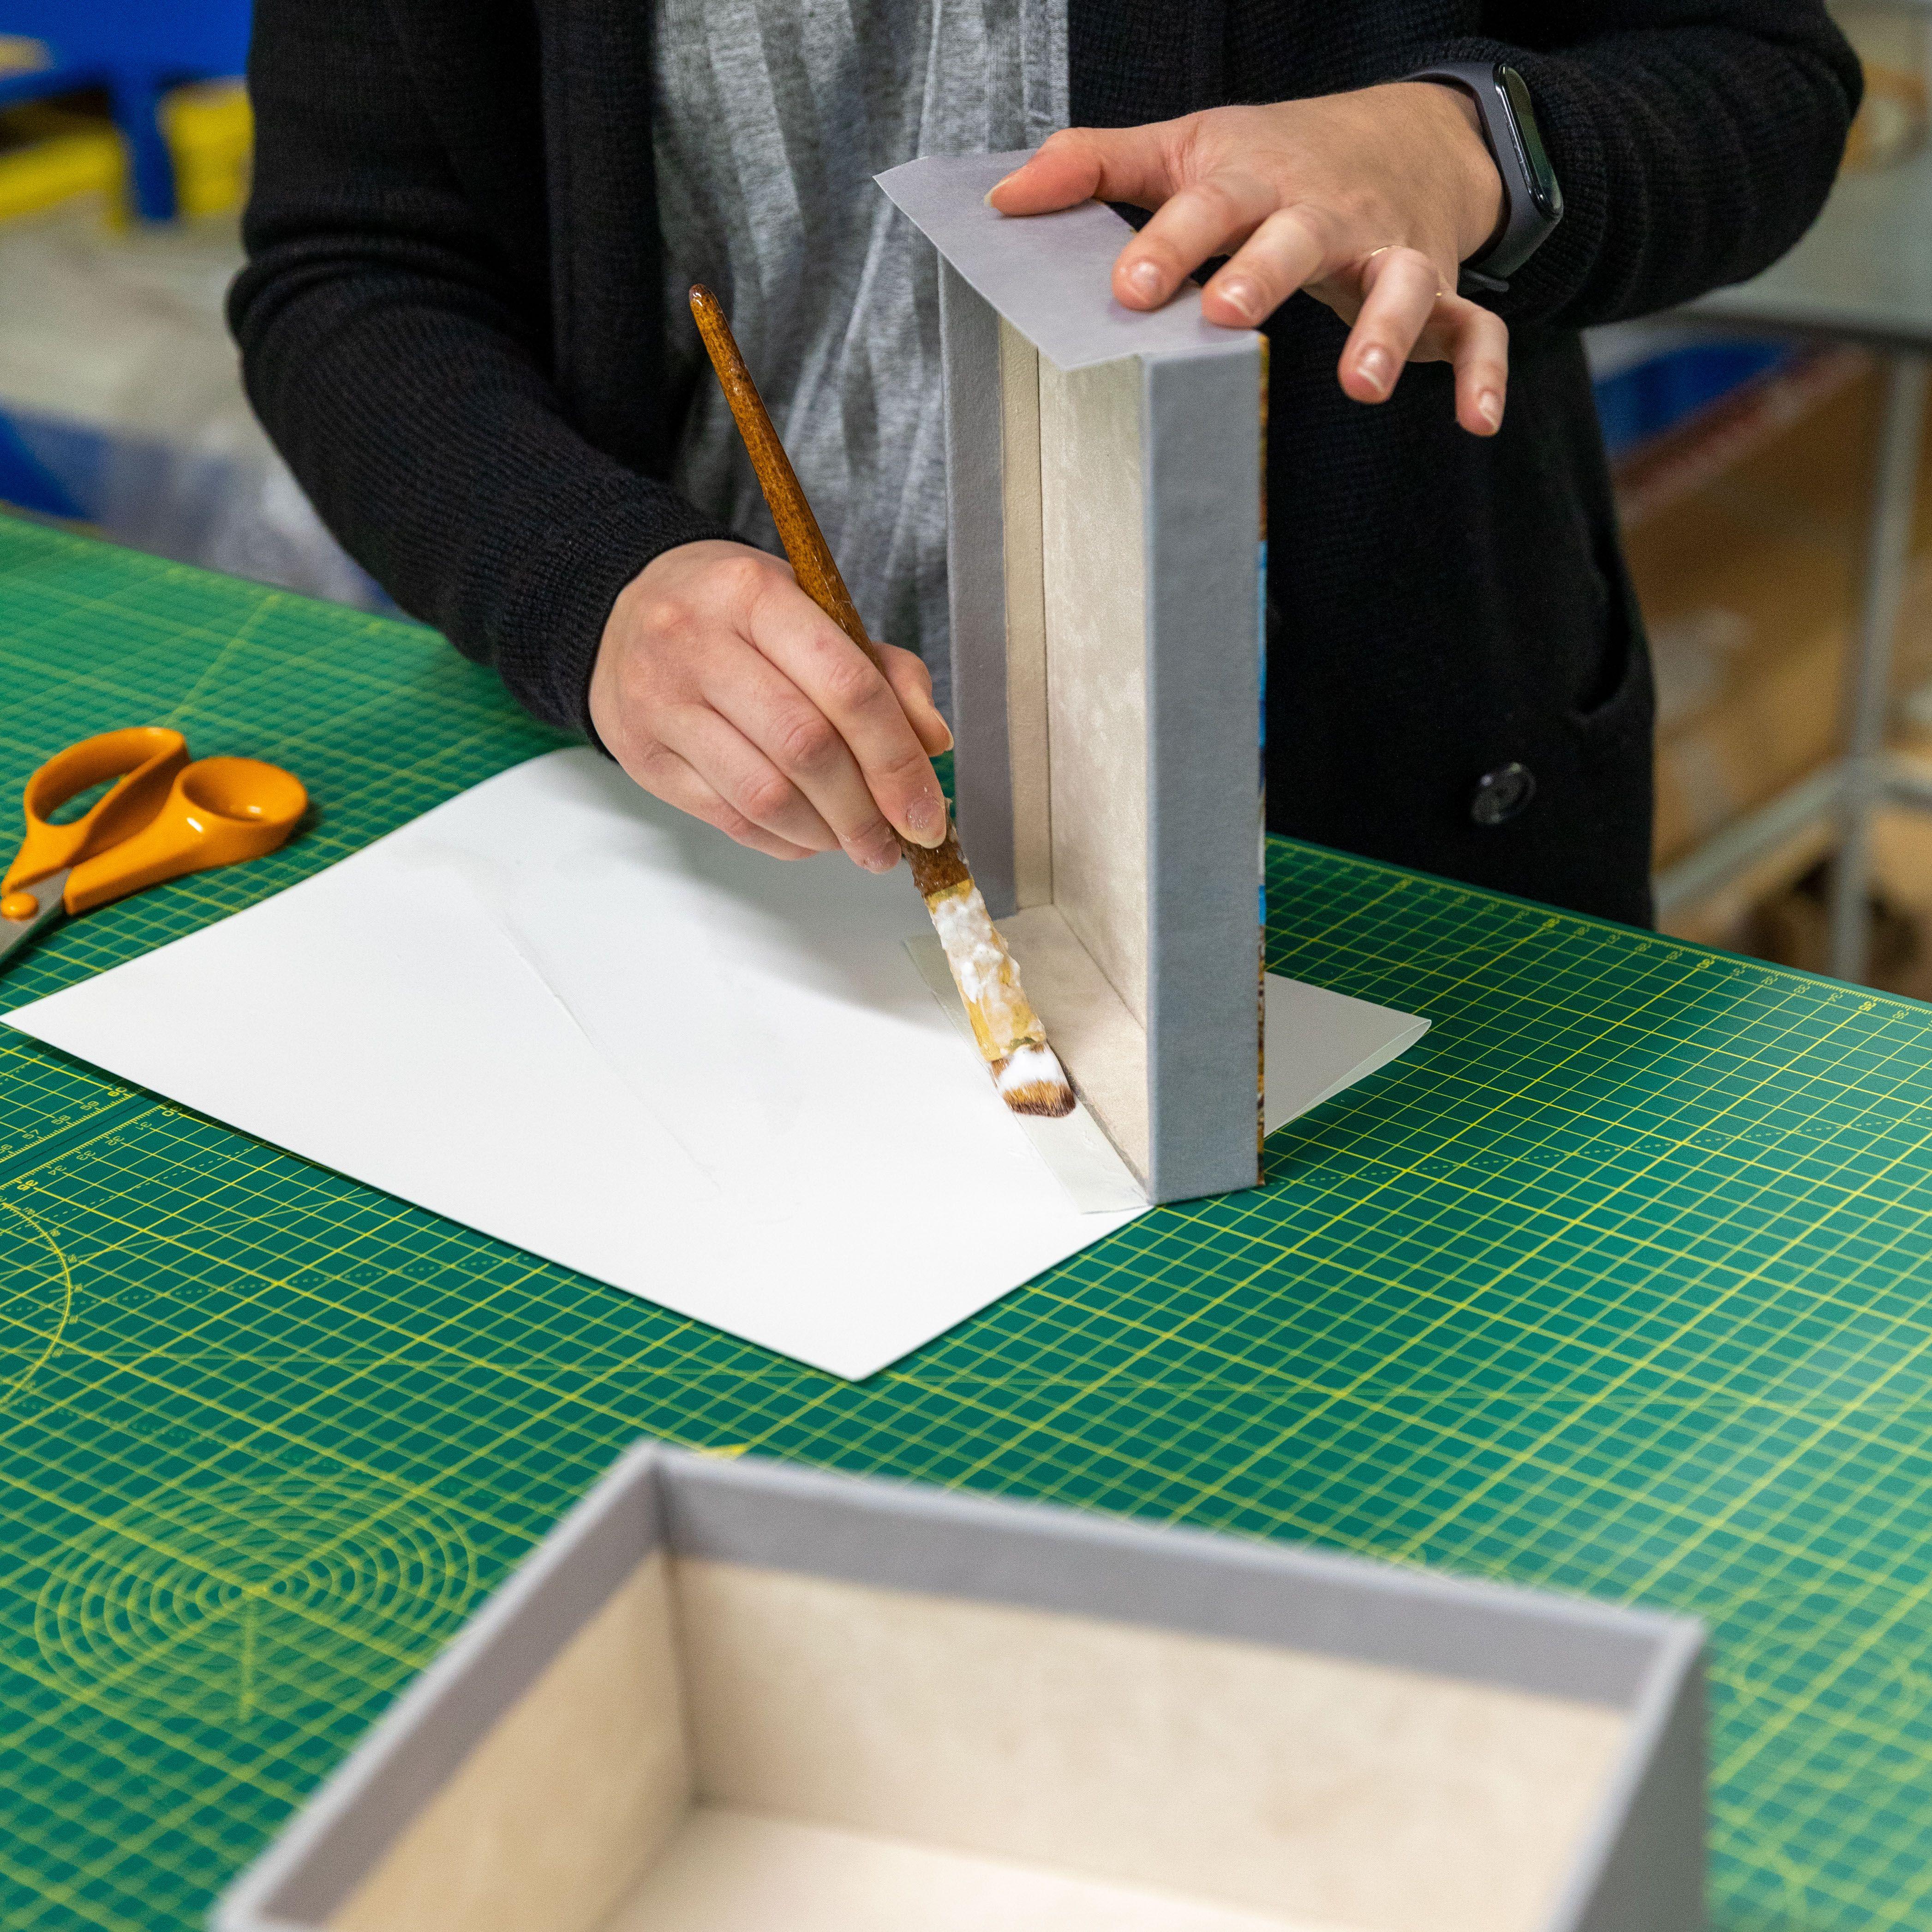 box with photo uk